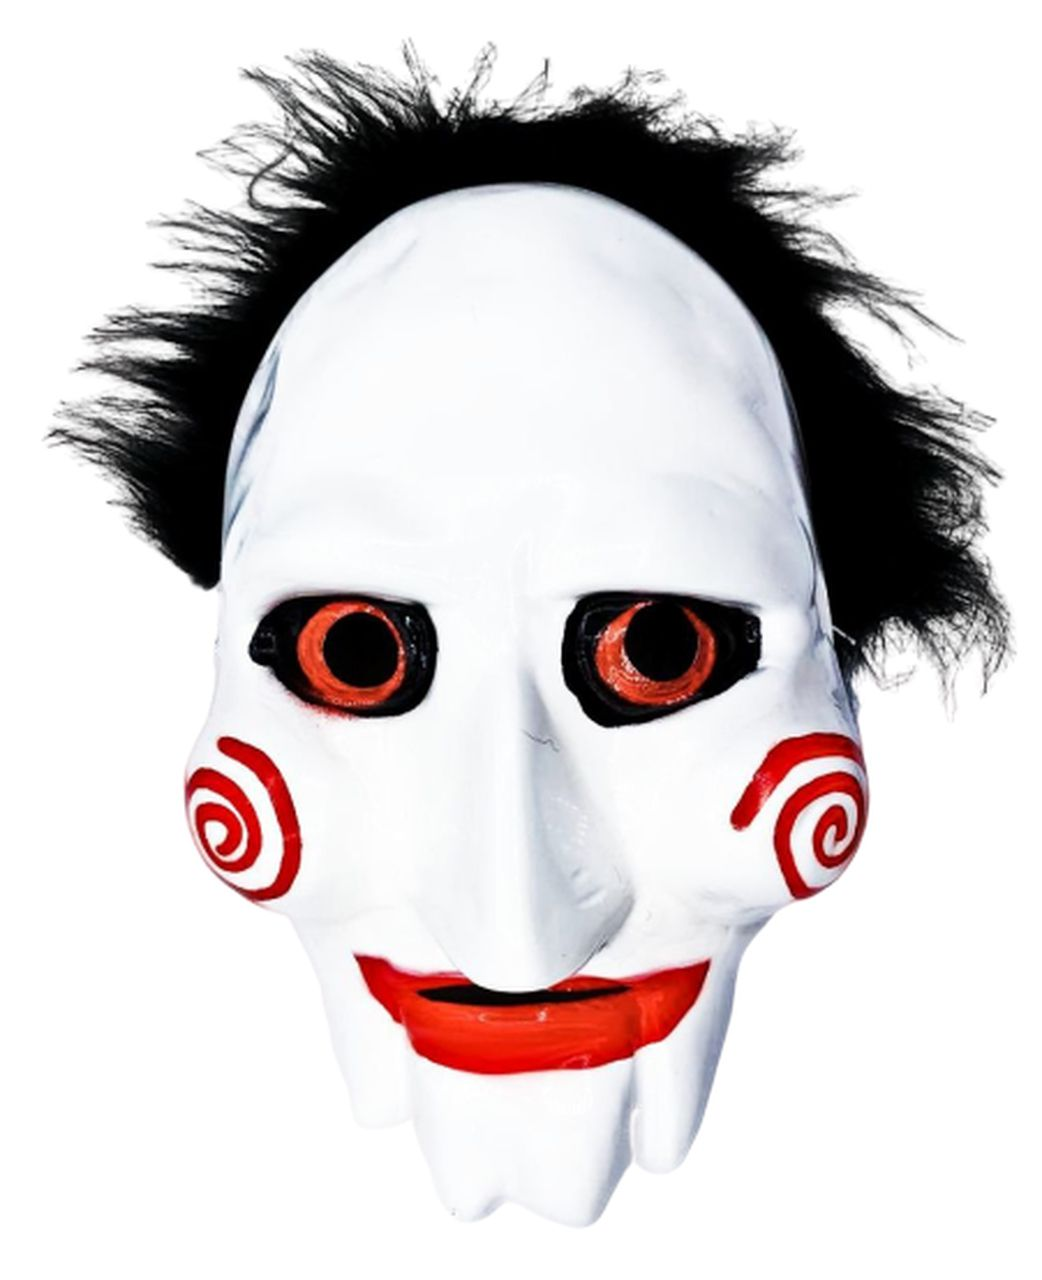 Máscara Billy: Jogos Mortais (JigSaw) - (Acessório Fantasia)